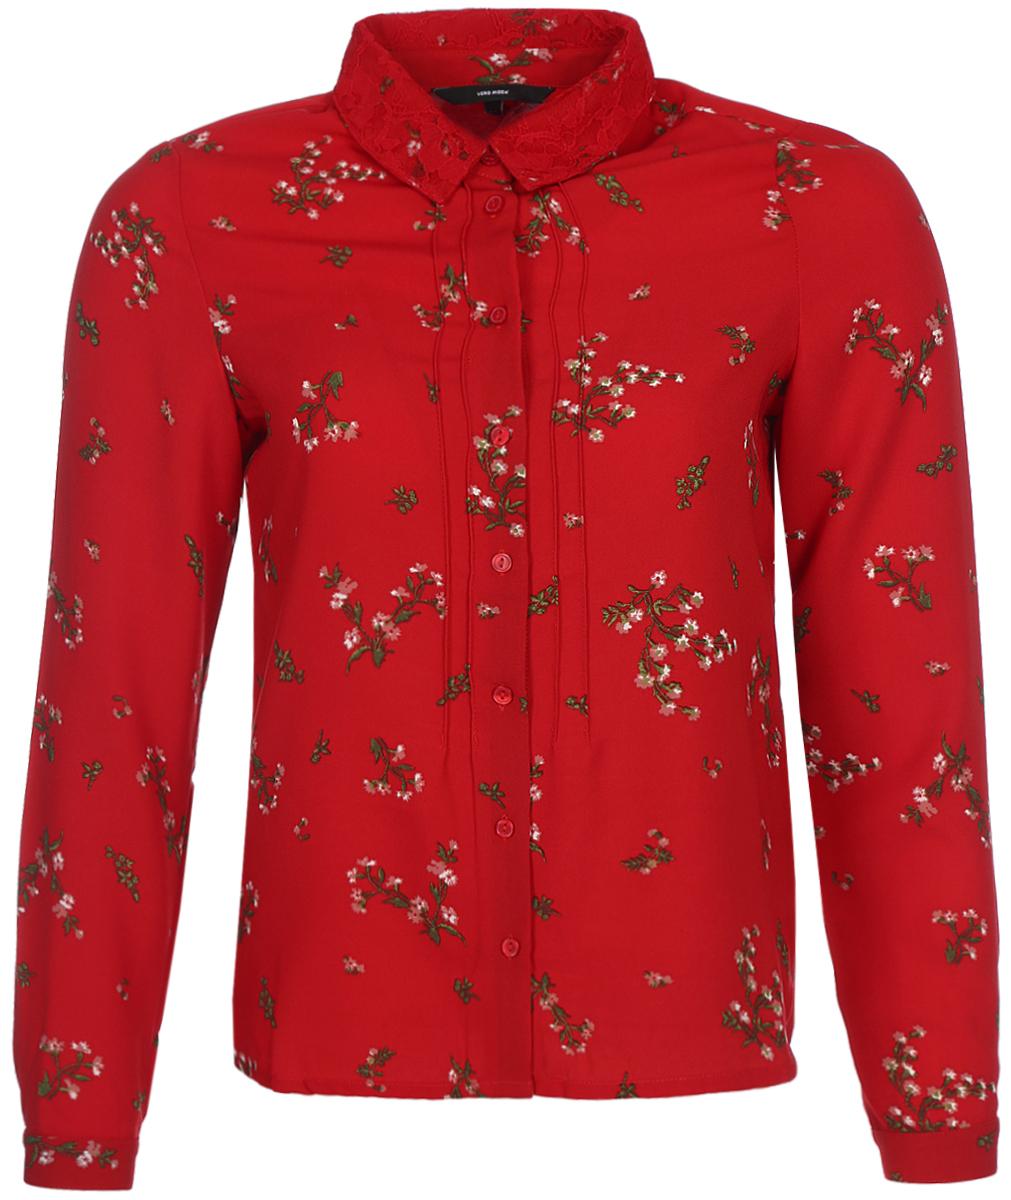 Блузка женская Vero Moda, цвет: красный. 10189784_Lychee. Размер 44/46 vero moda свитер с длинными рукавами